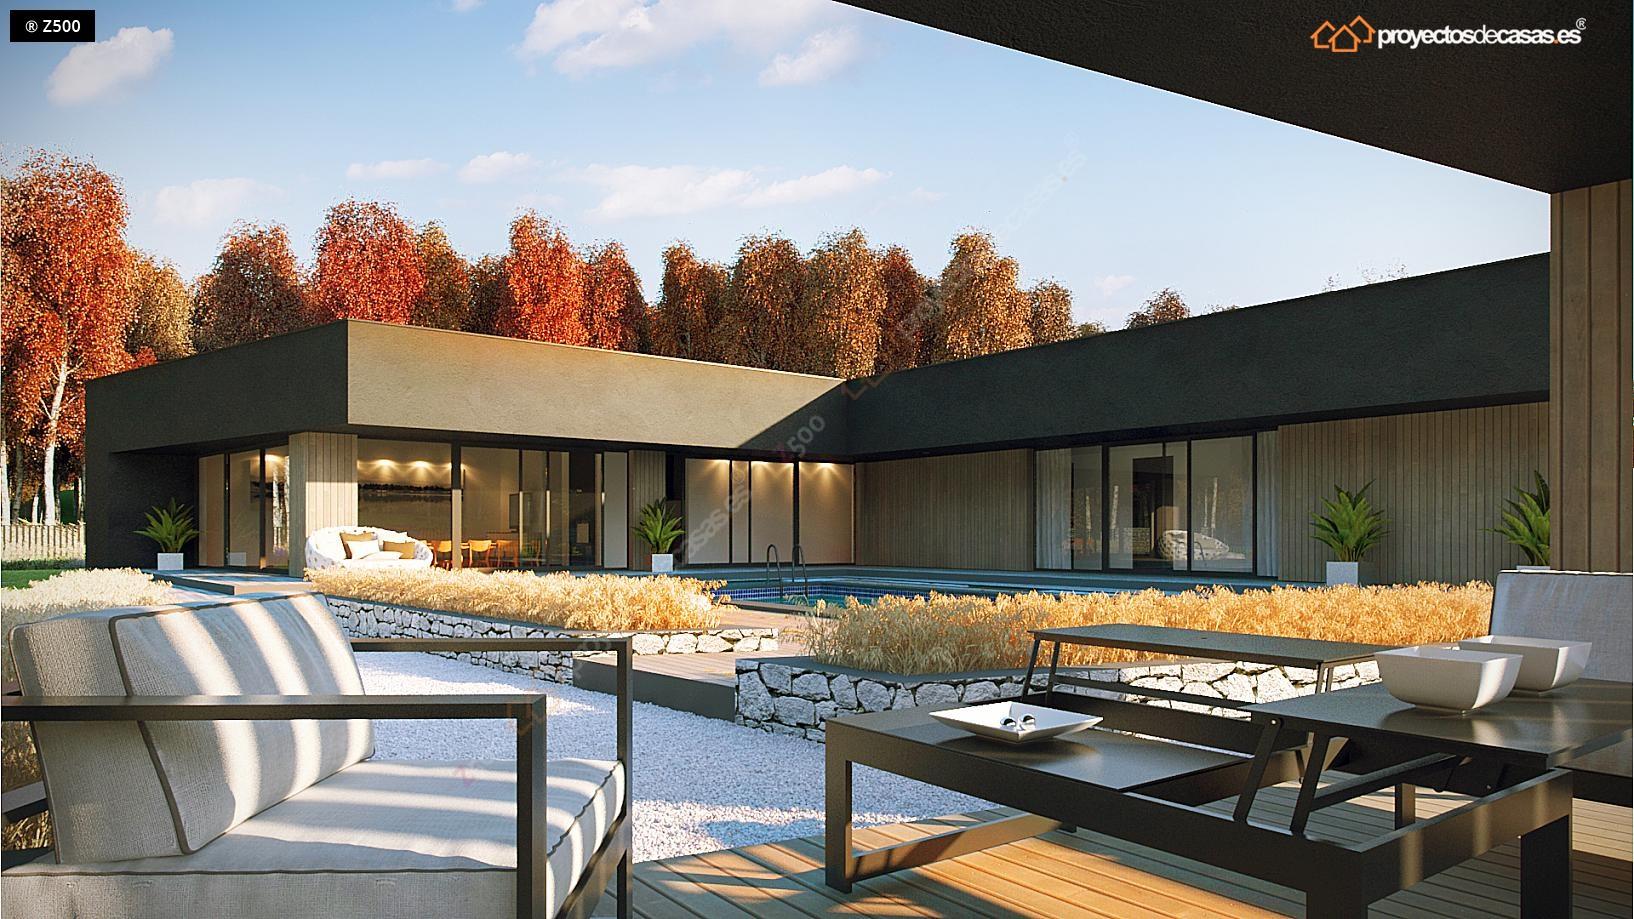 Proyectosdecasas dise amos y construimos casas en toda for Casas modernas de una planta minimalistas